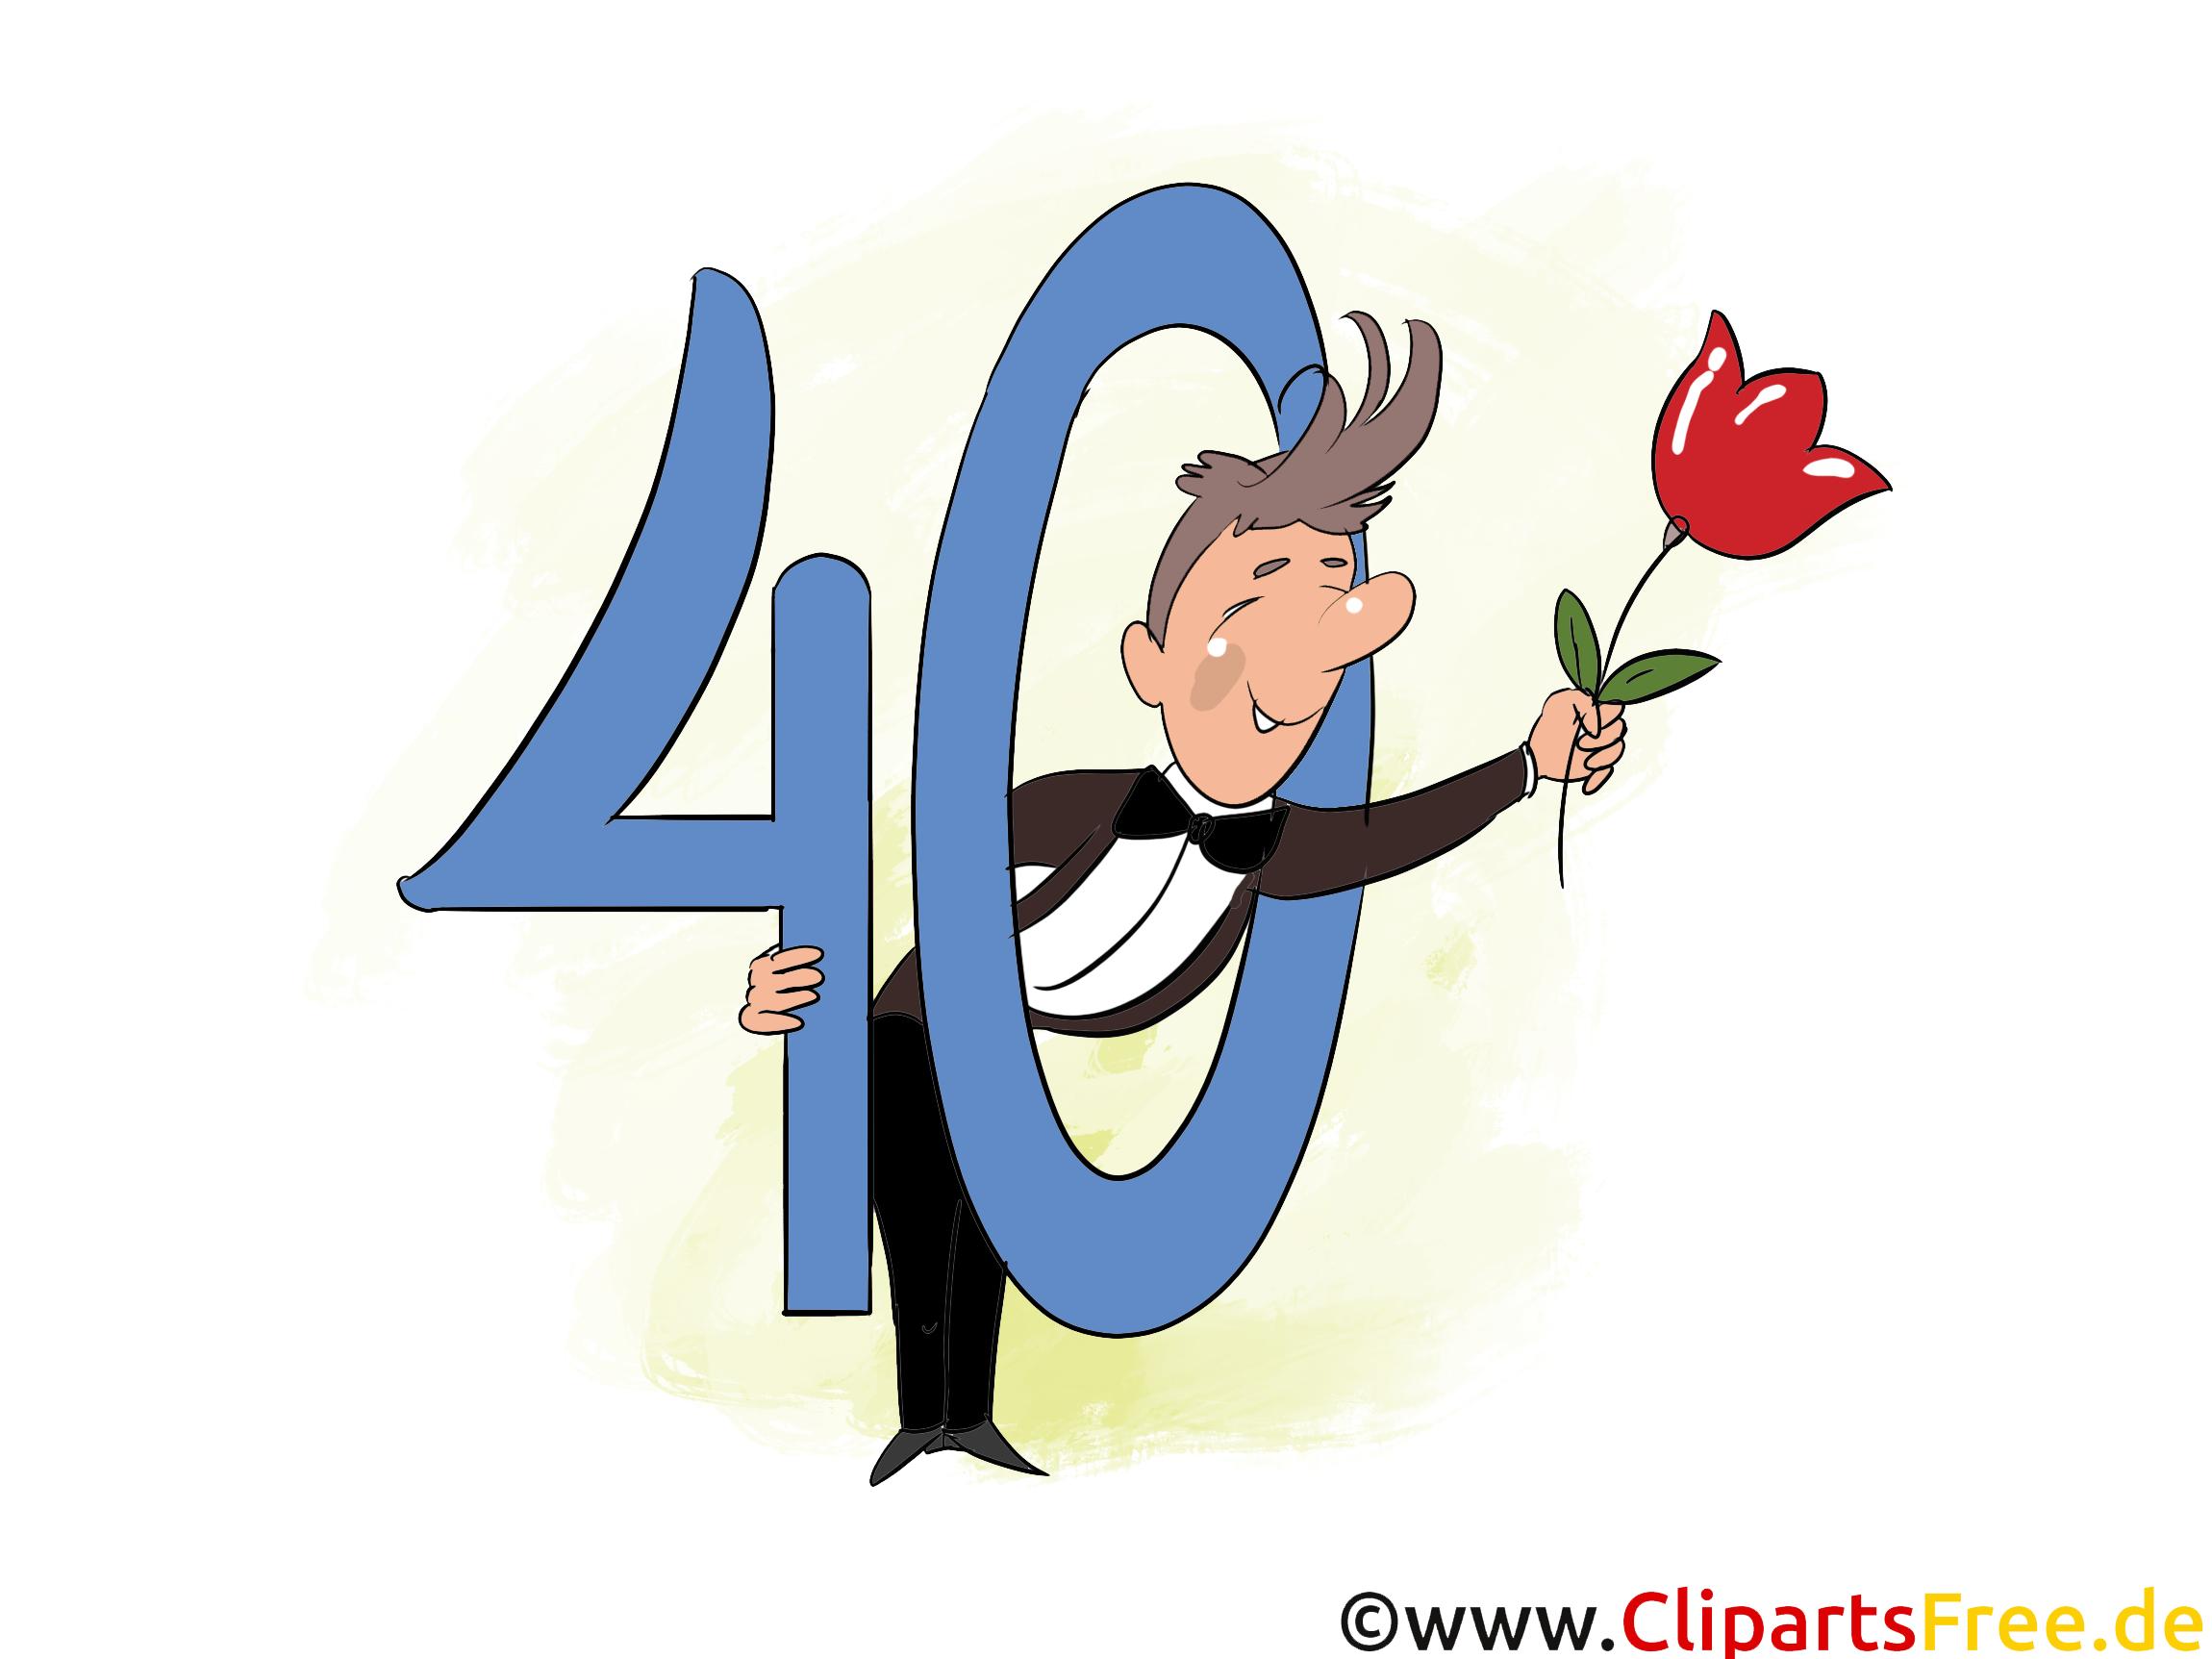 Anniversaire 40 ans image à télécharger gratuite